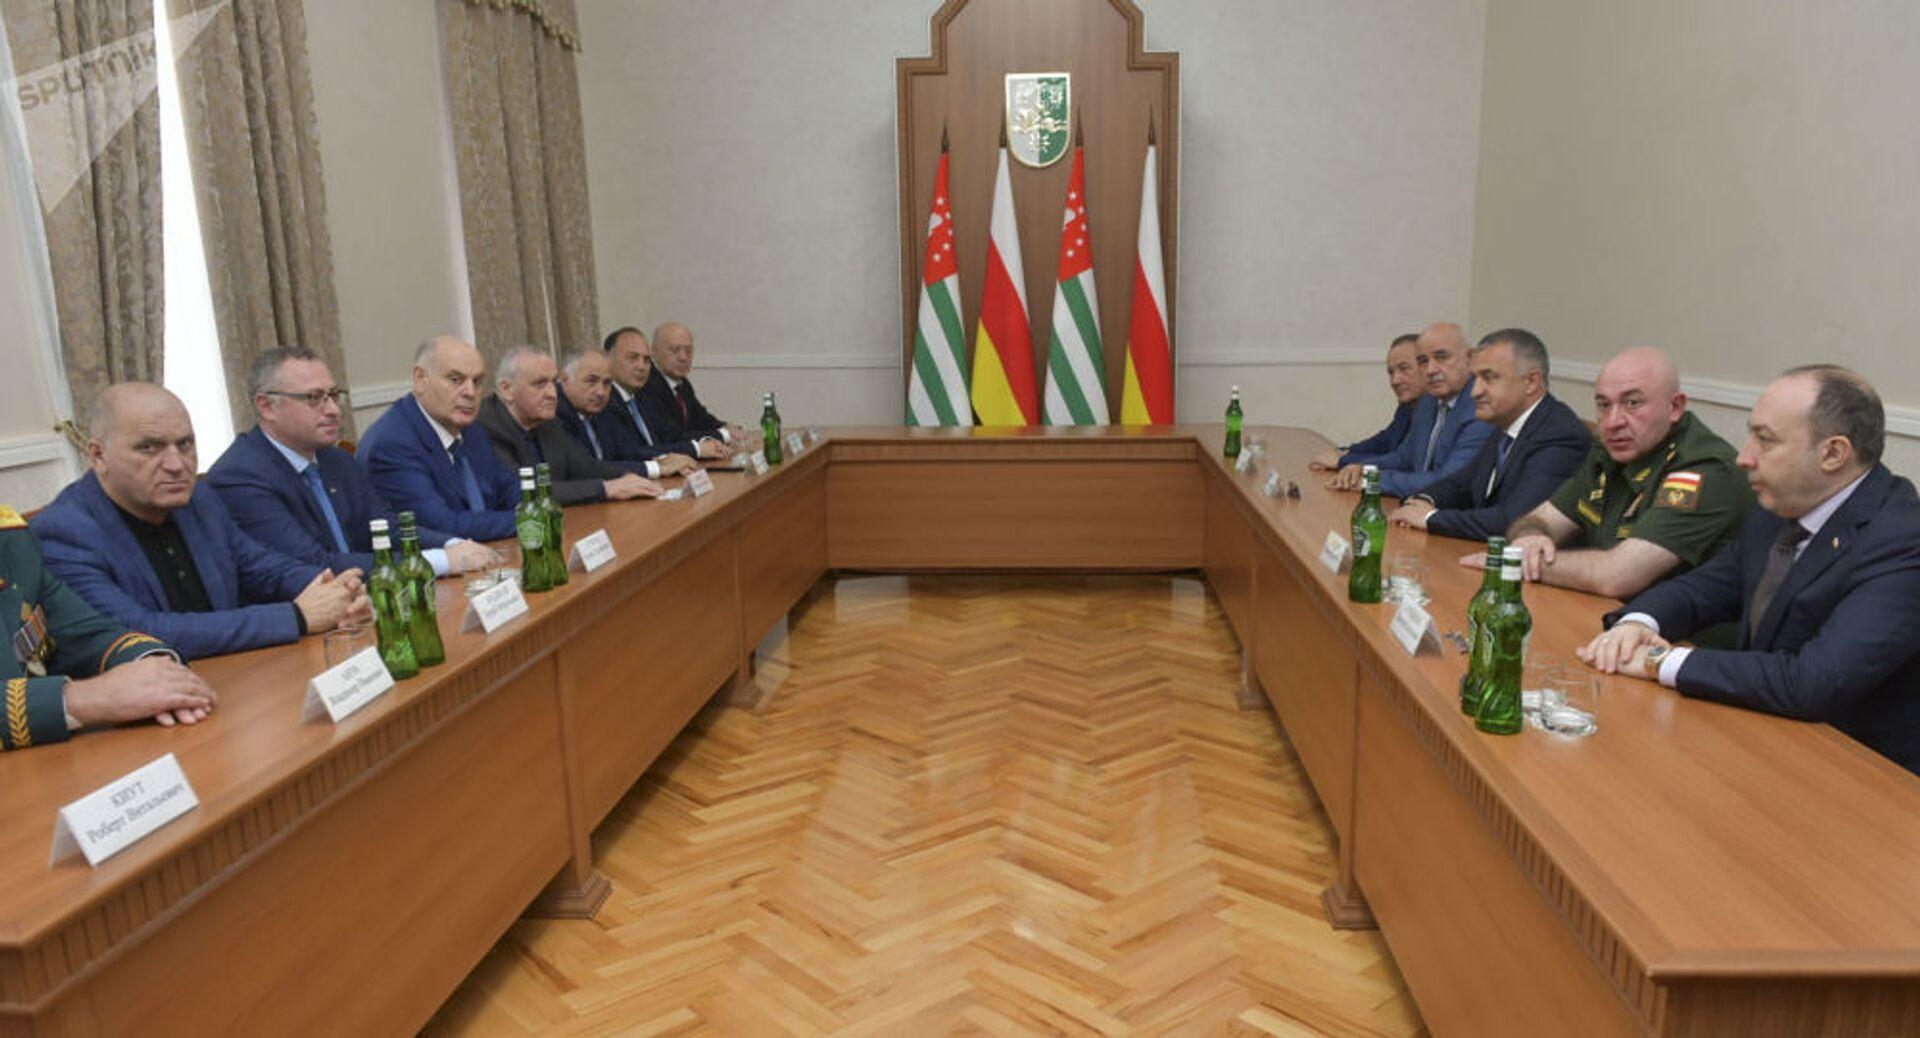 Расширенная встреча глав ведомств Абхазии и Южной Осетии прошла в Сухуме - Sputnik Южная Осетия, 1920, 26.10.2021